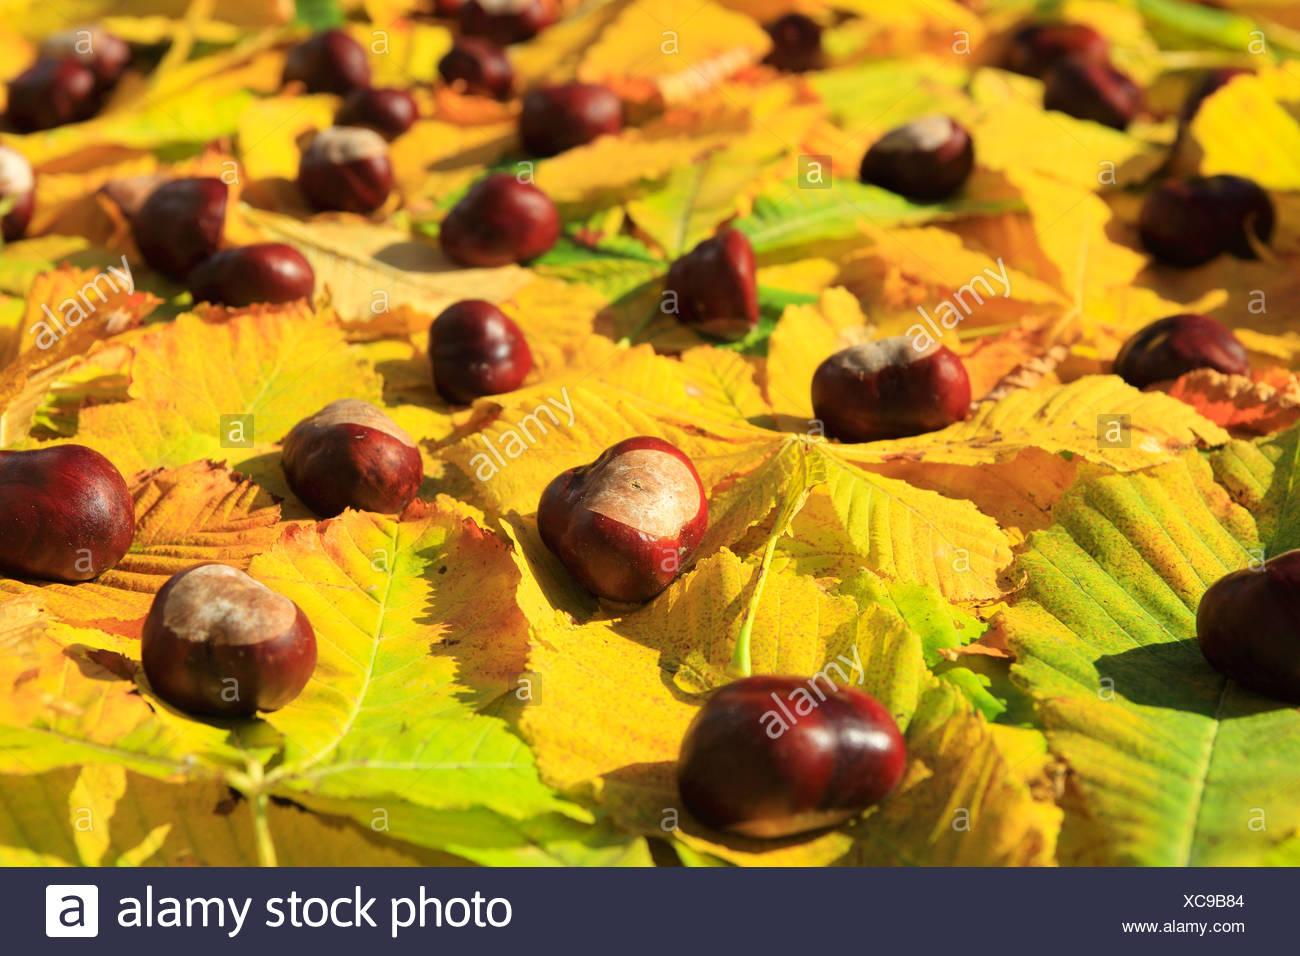 Nett Früchte Die Blätter Färben Bilder - Malvorlagen Von Tieren ...